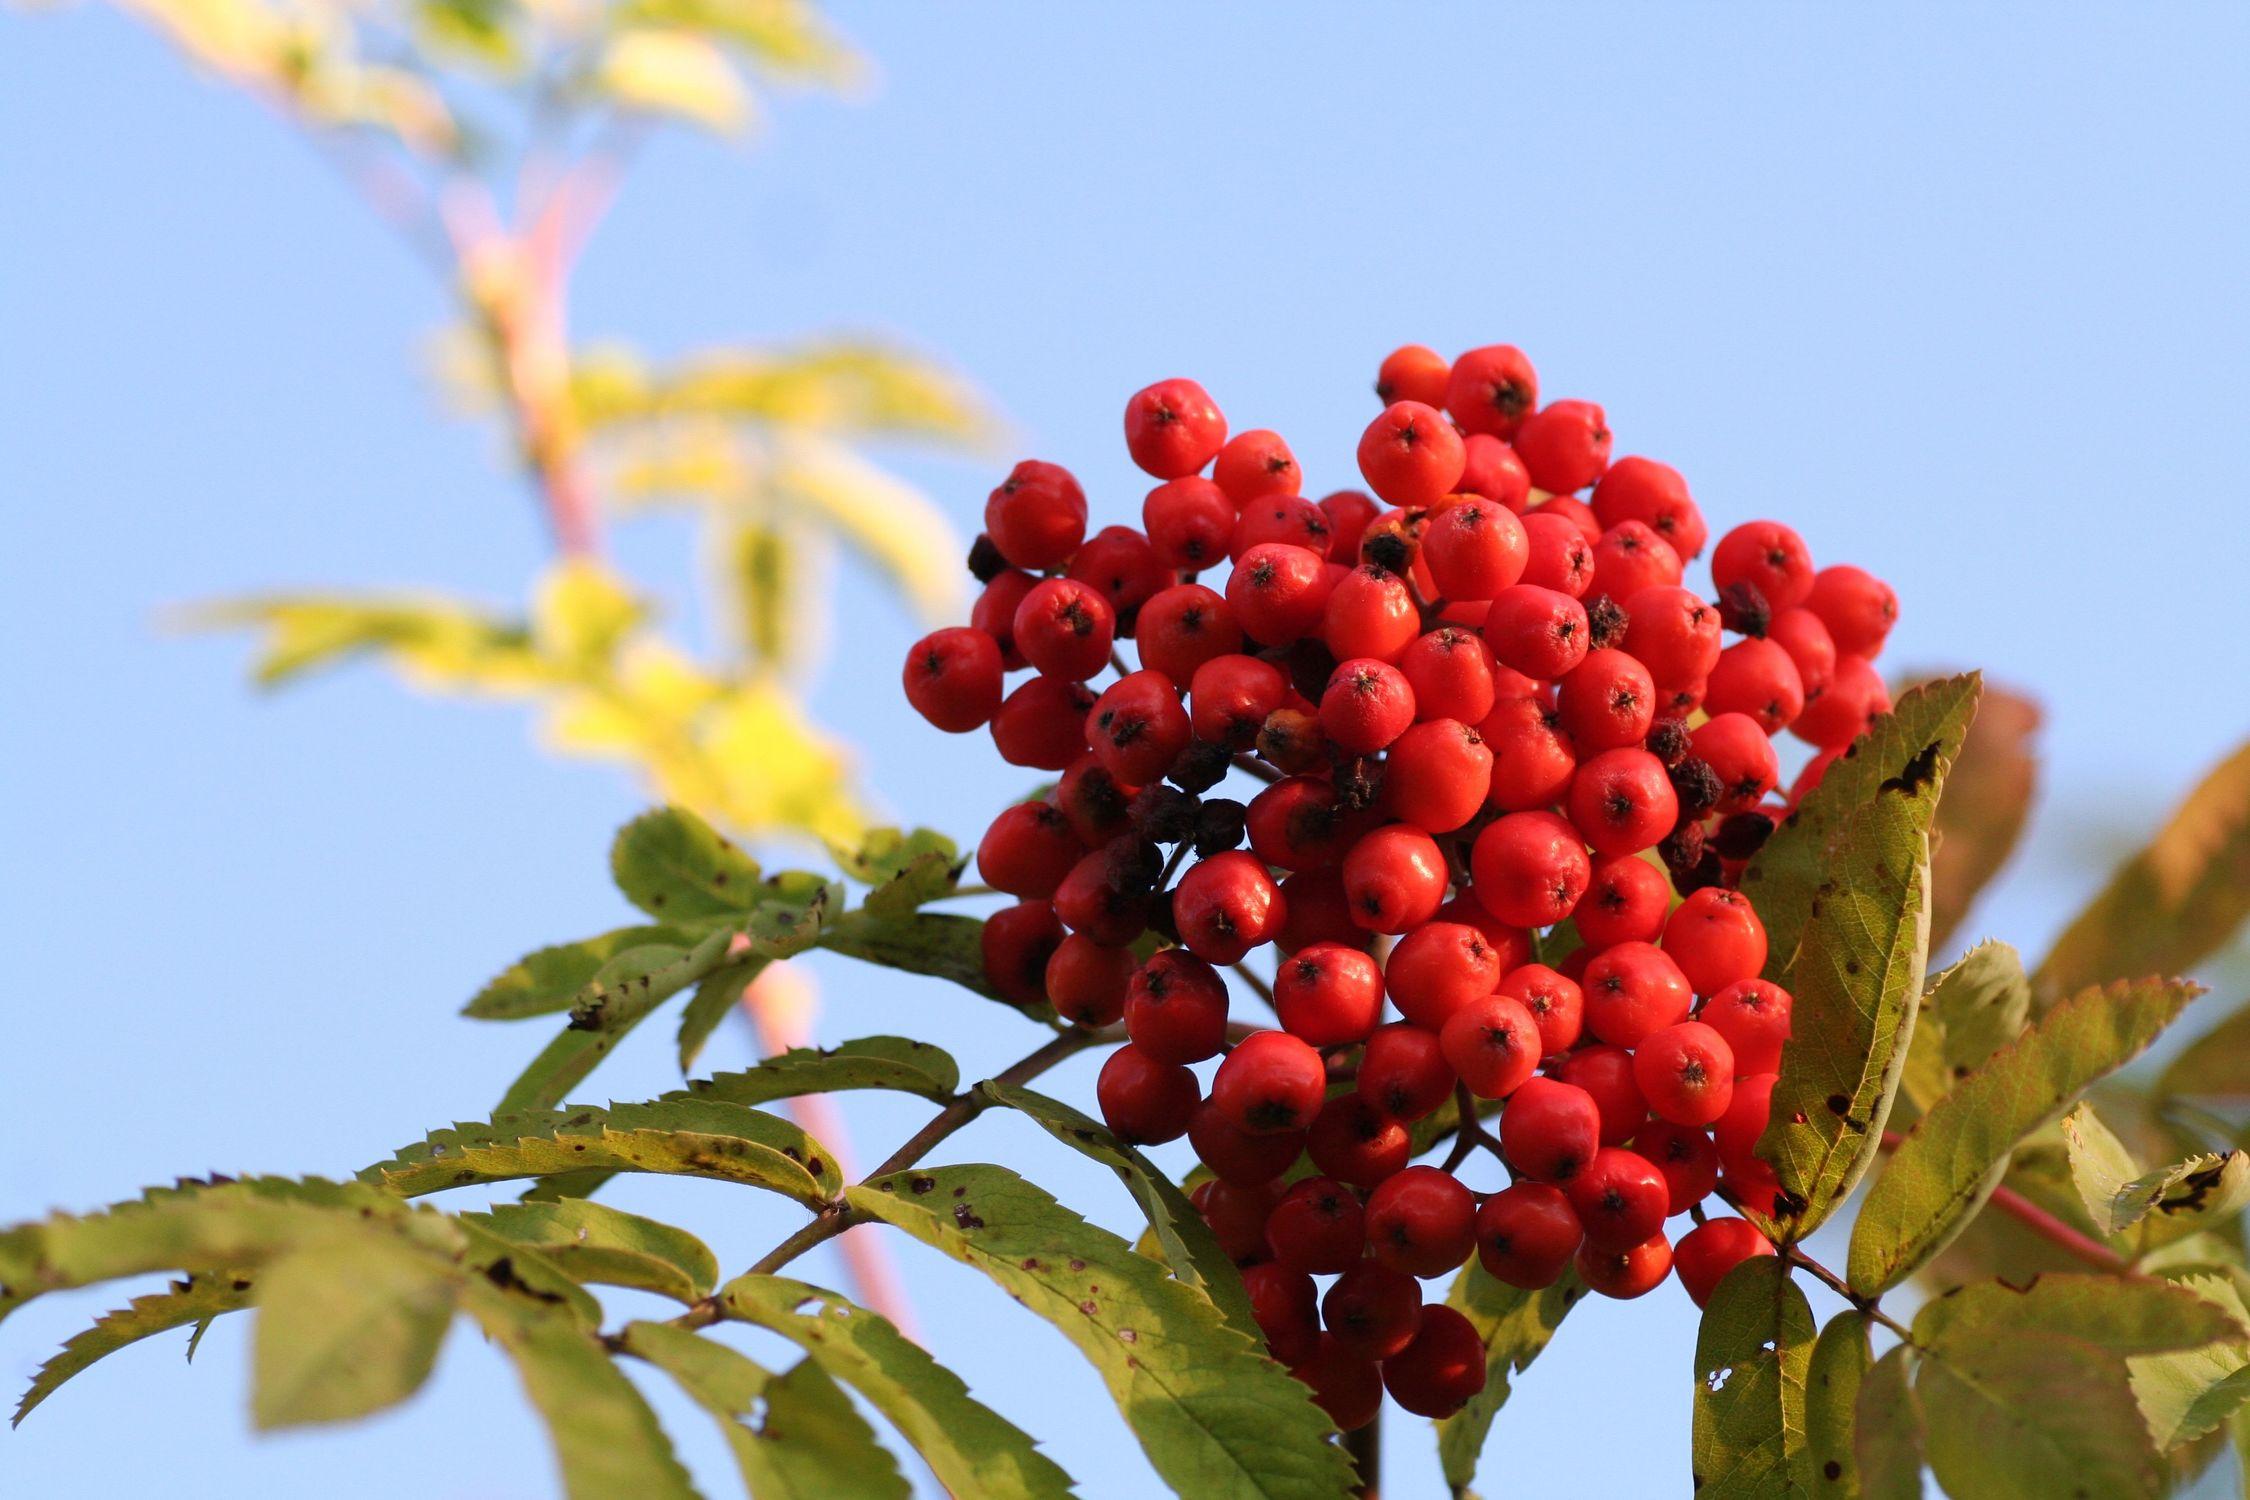 Bild mit Natur, Pflanzen, Bäume, Früchte, Lebensmittel, Essen, Blumen, Beeren